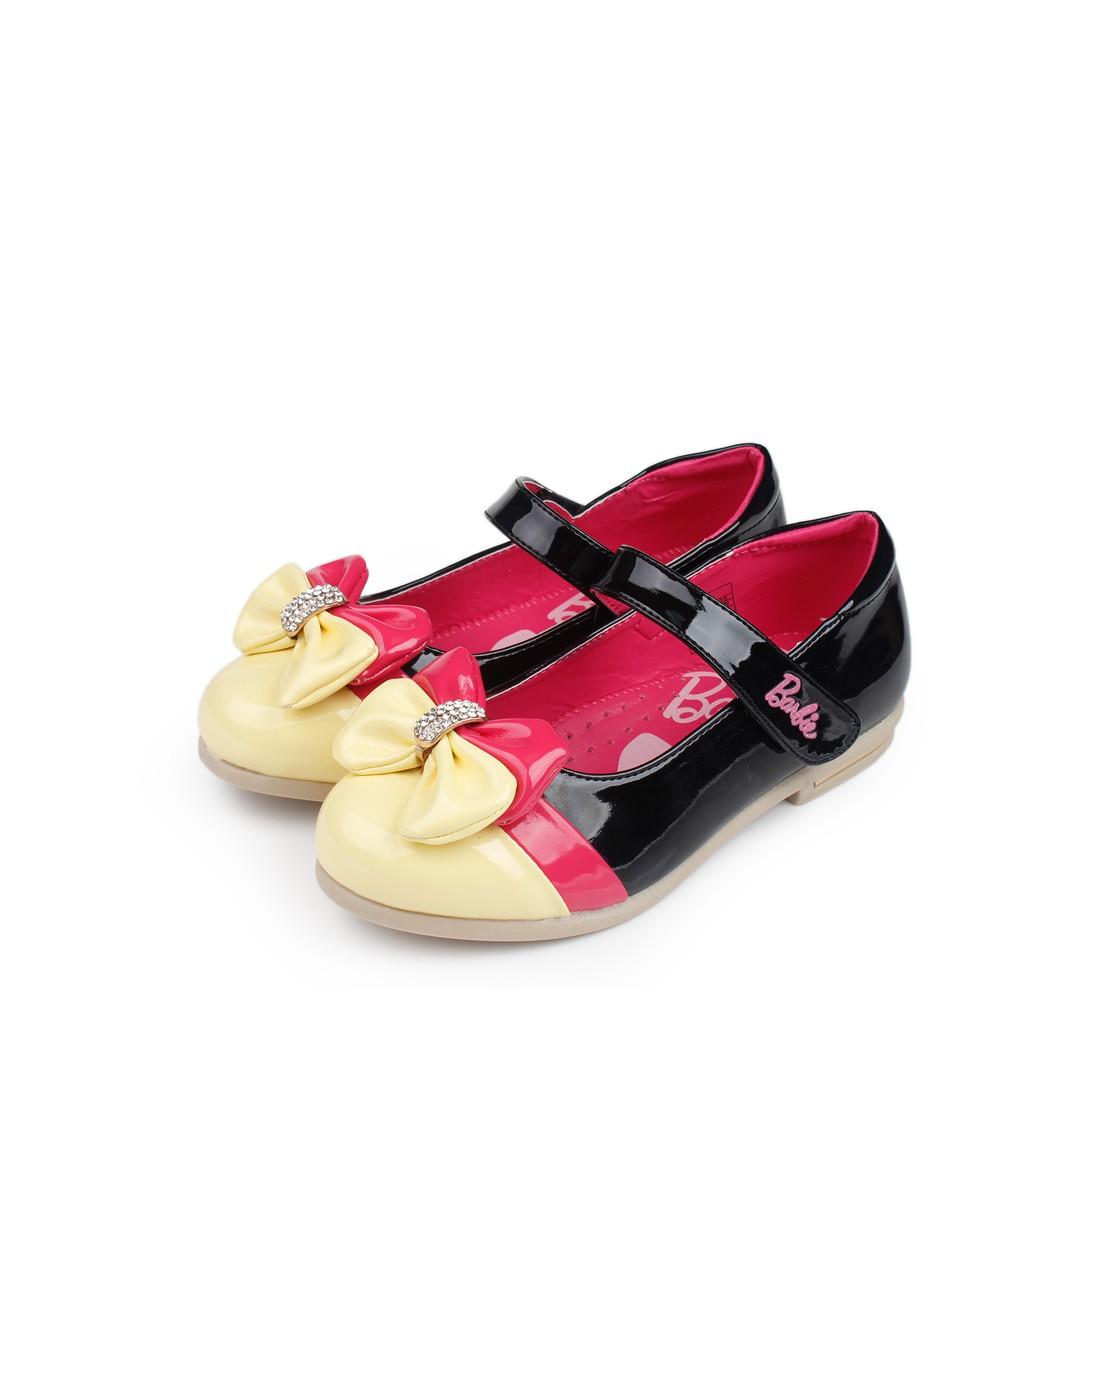 芭比女童黑色可爱公主皮鞋